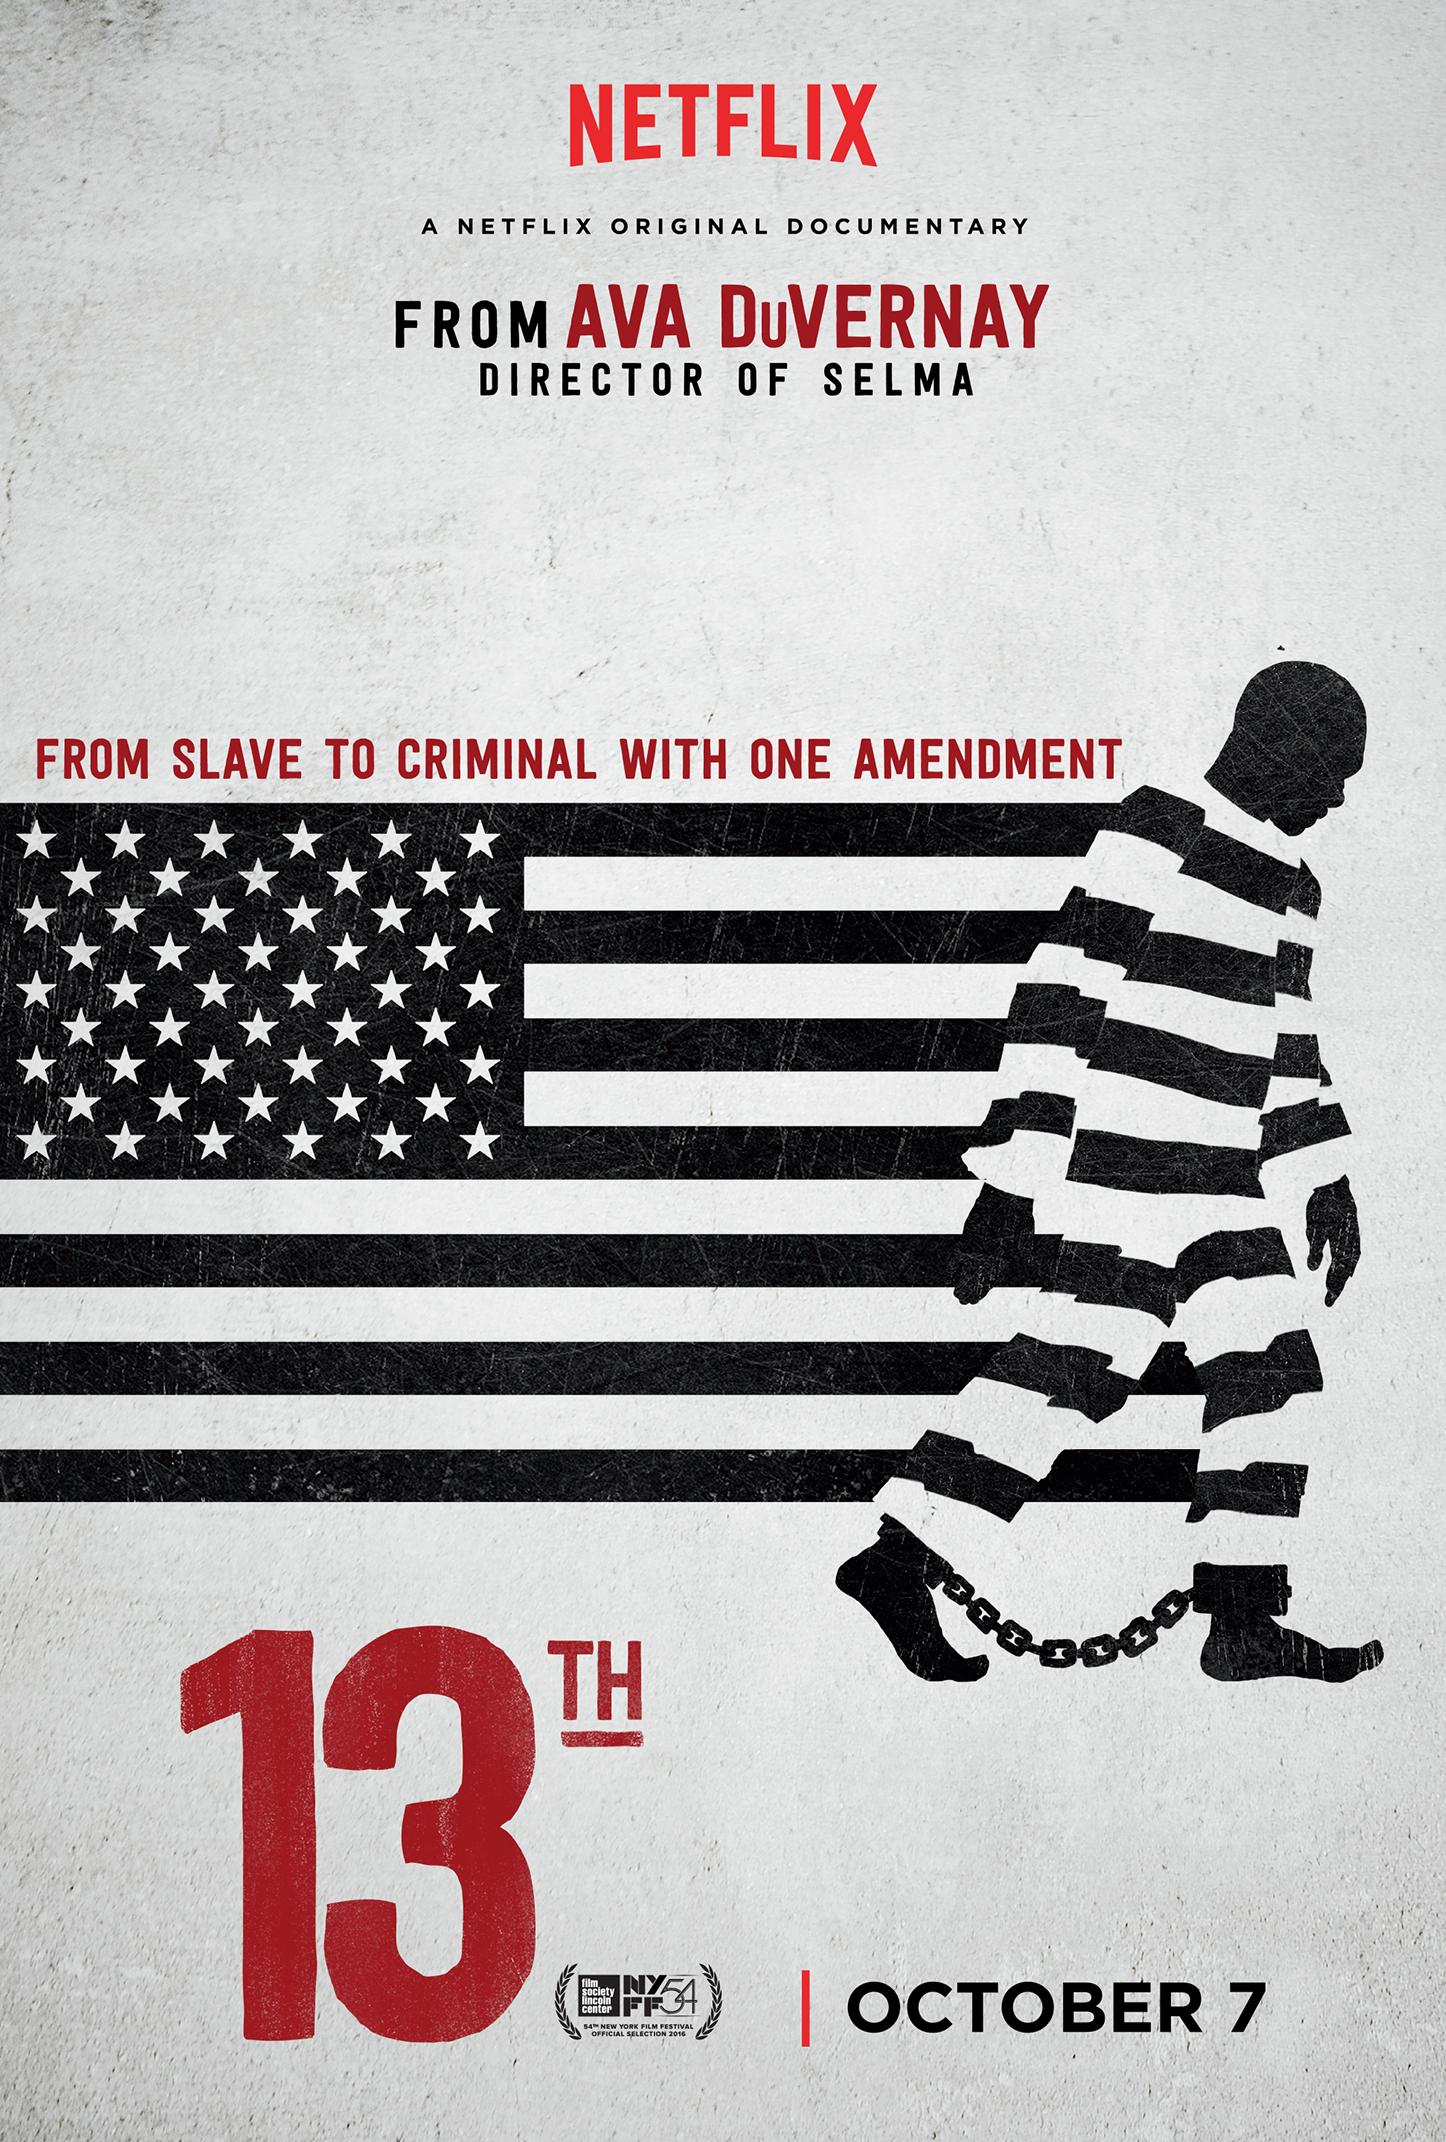 ava duvernay mass incarceration documentary